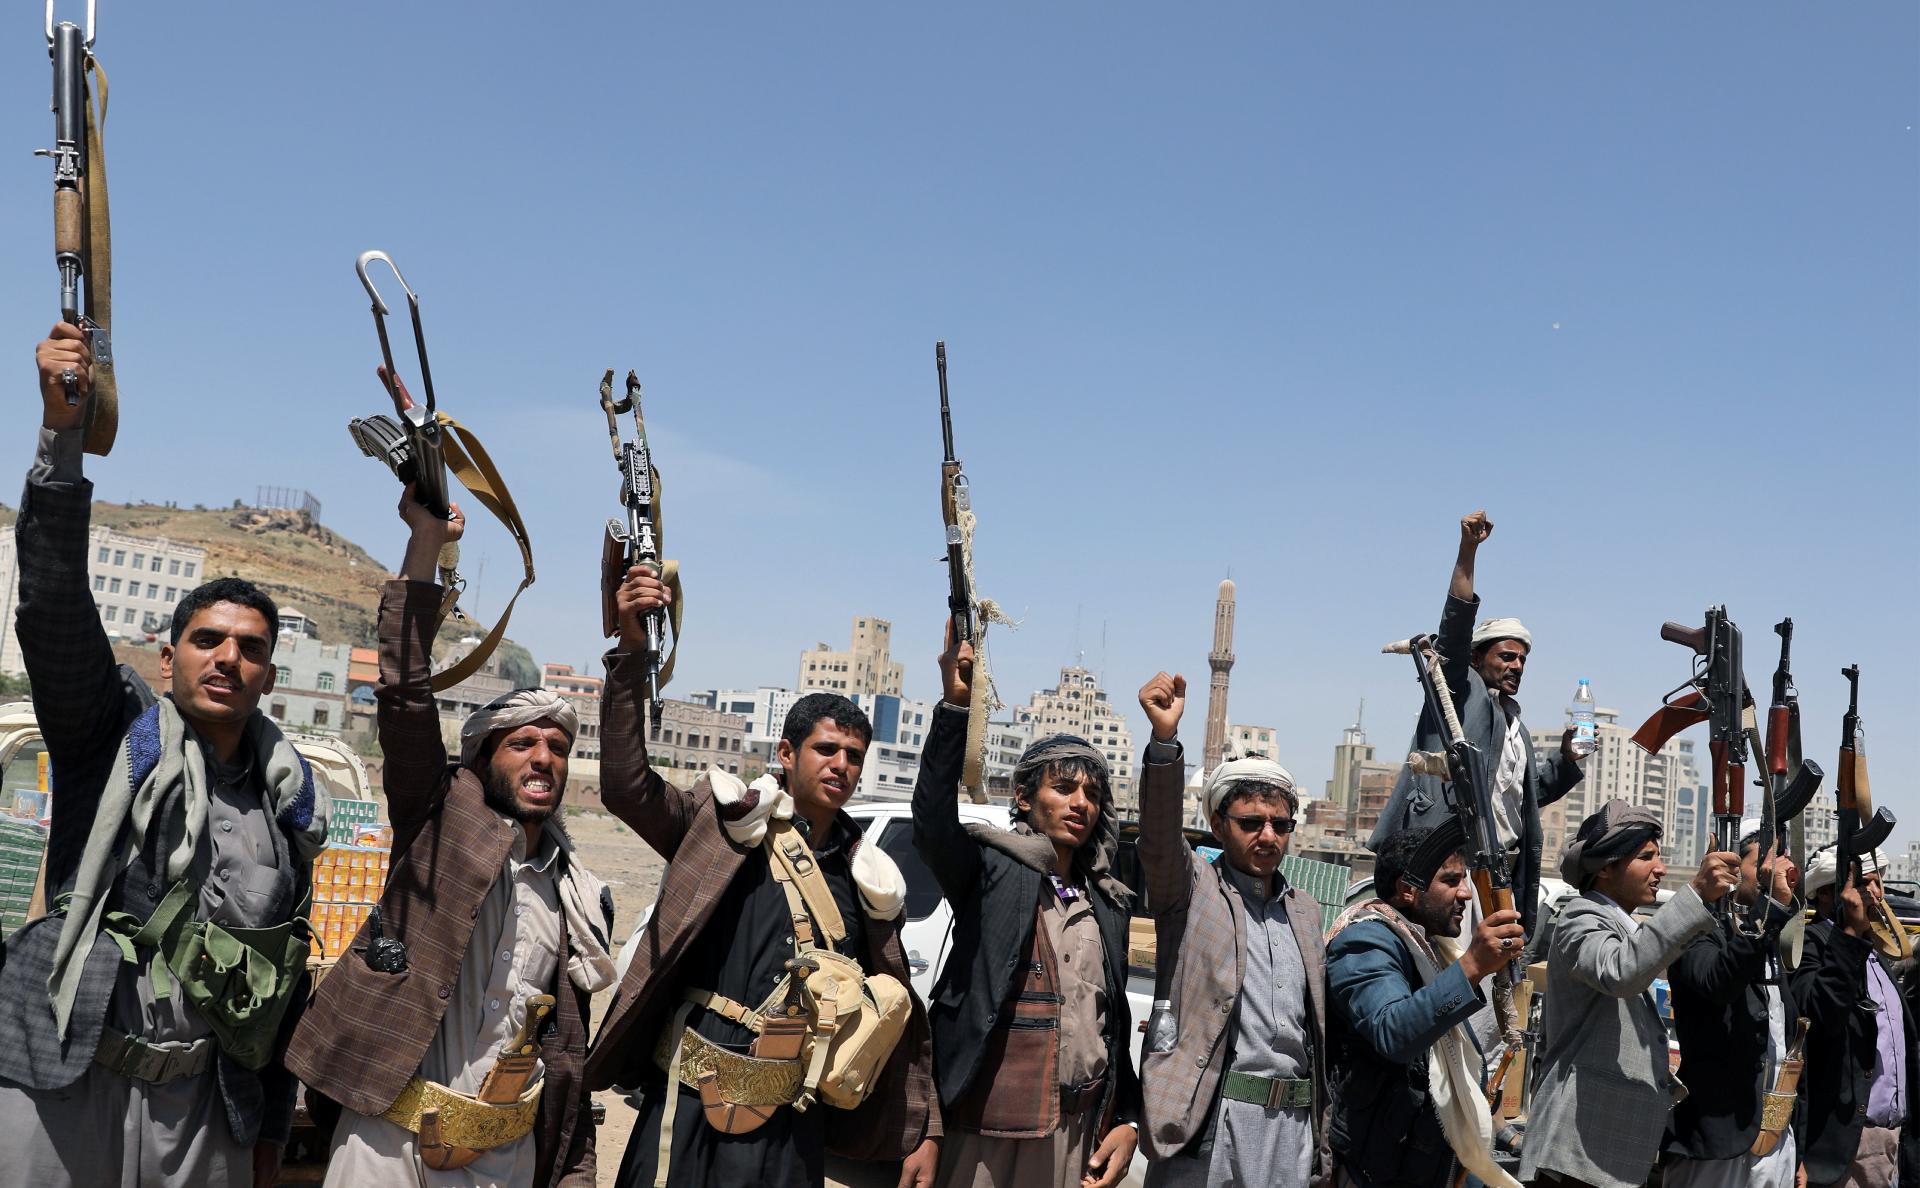 повстанцы-хуситы